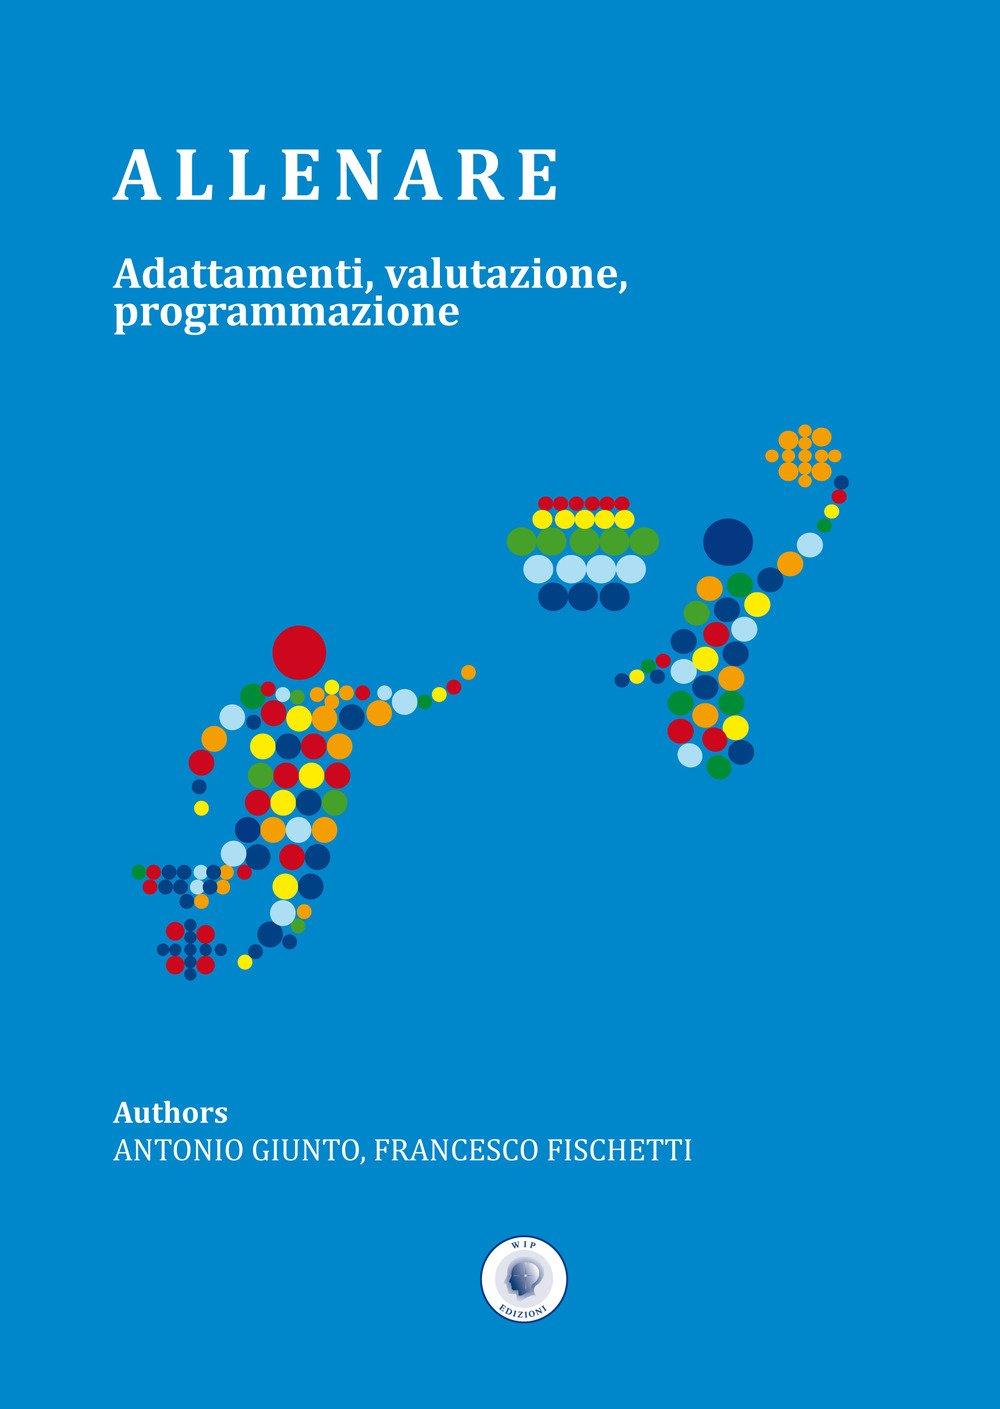 Allenare. Adattamenti, valutazione, programmazione Copertina rigida – 23 feb 2017 Antonio Giunto Francesco Fischetti Wip Edizioni 8884594111